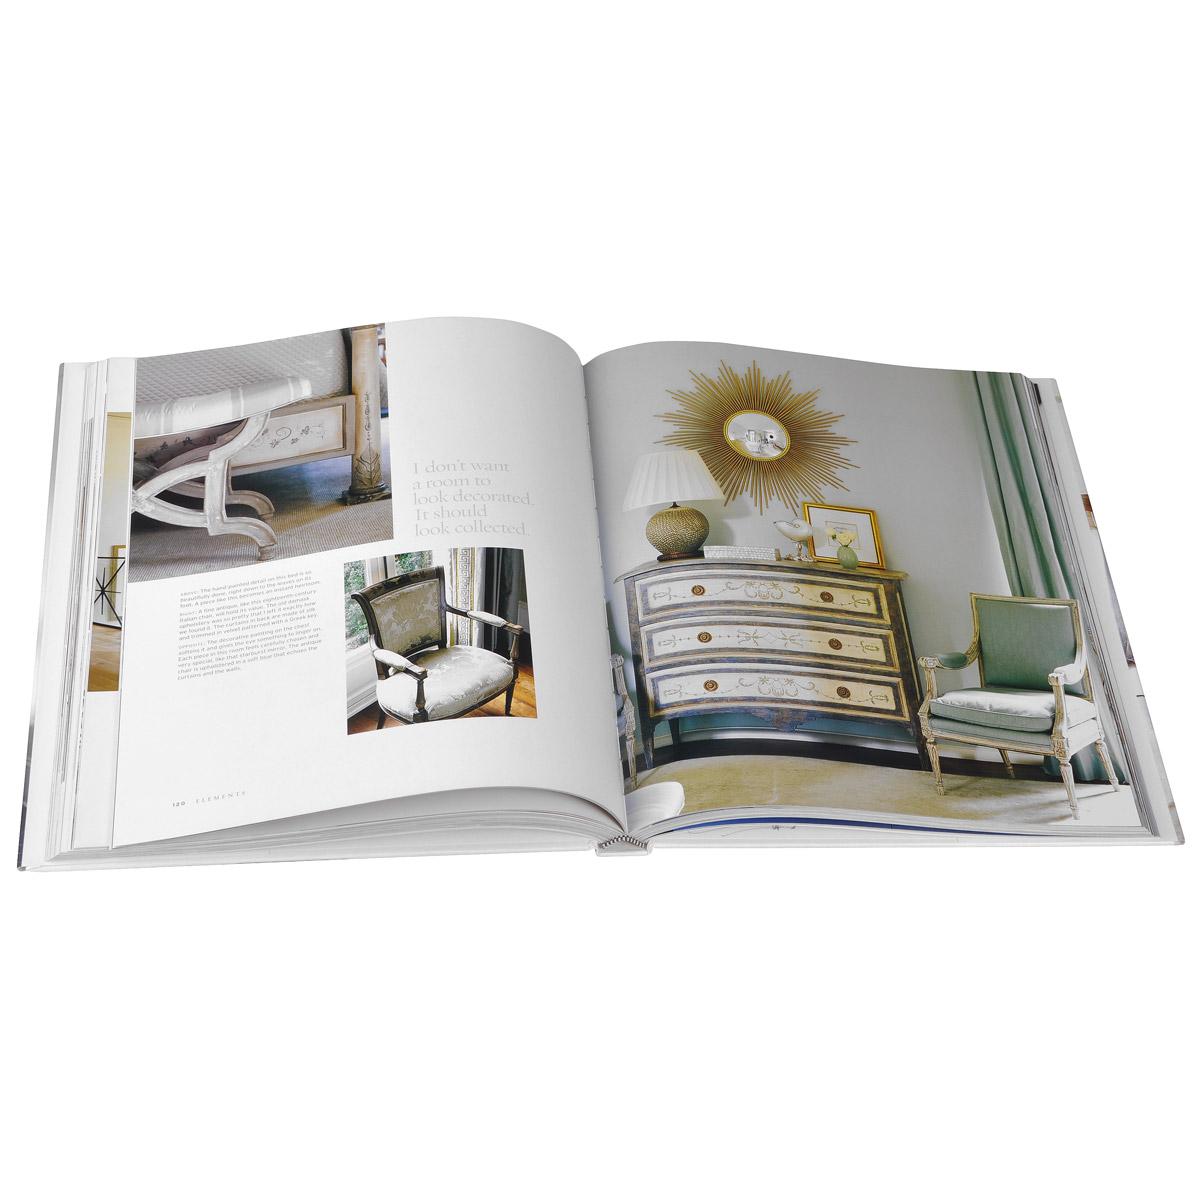 Suzanne Kasler: Inspired Interiors